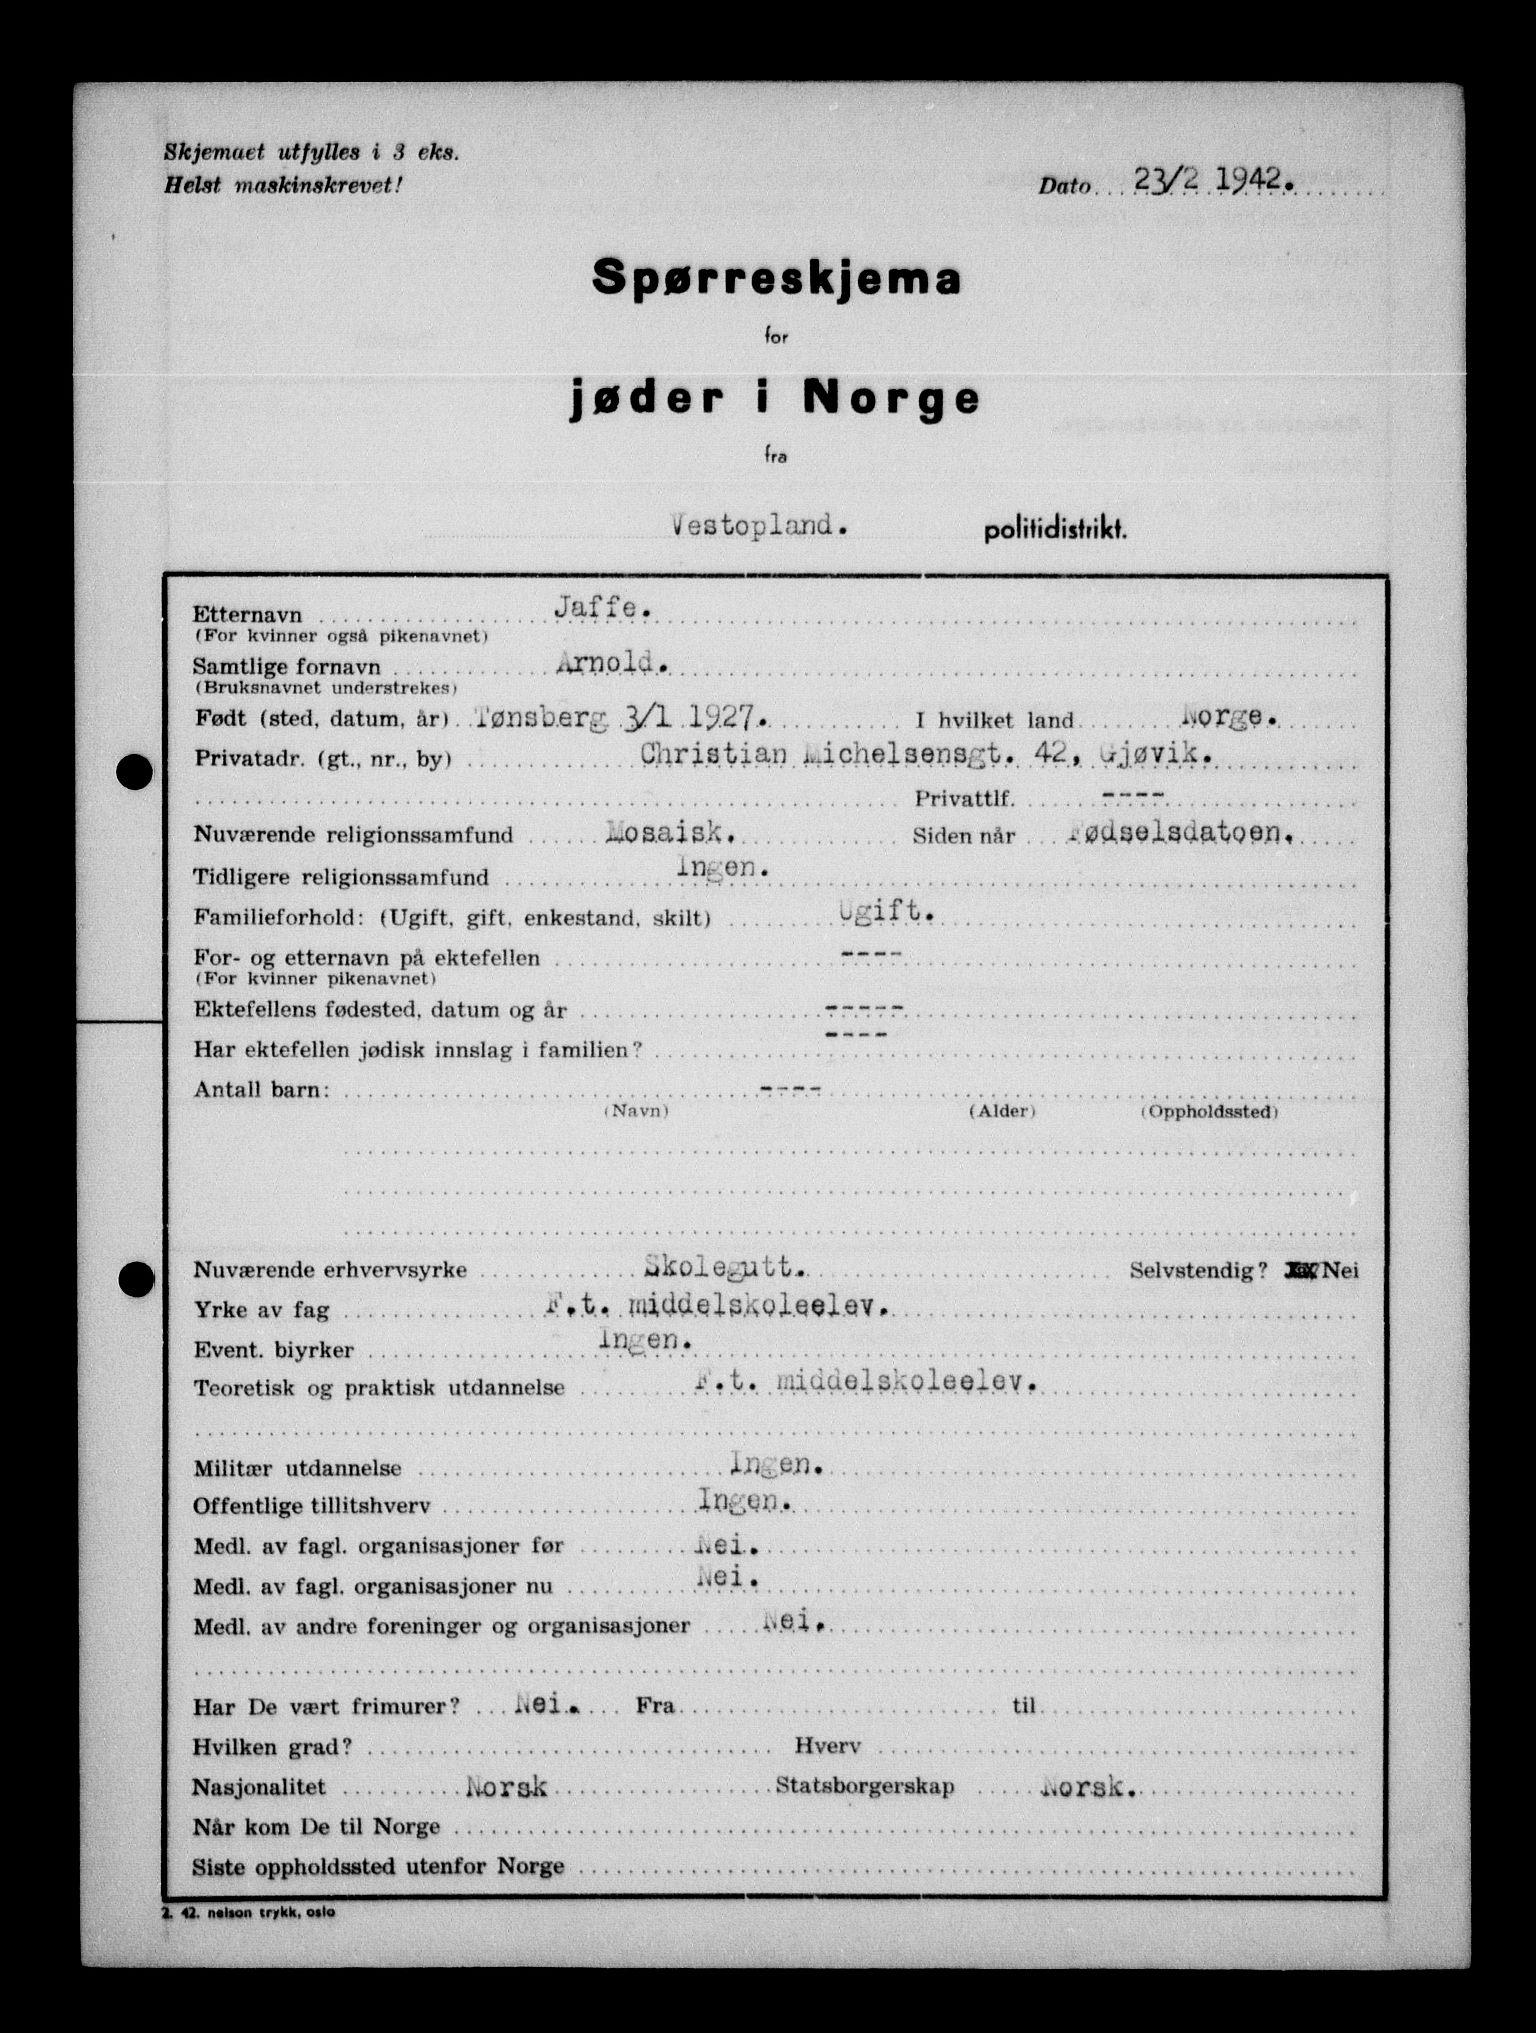 RA, Statspolitiet - Hovedkontoret / Osloavdelingen, G/Ga/L0013: Spørreskjema for jøder i Norge. 1: Sandefjord-Trondheim. 2: Tønsberg- Ålesund.  3: Skriv vedr. jøder A-H.  , 1942-1943, s. 213